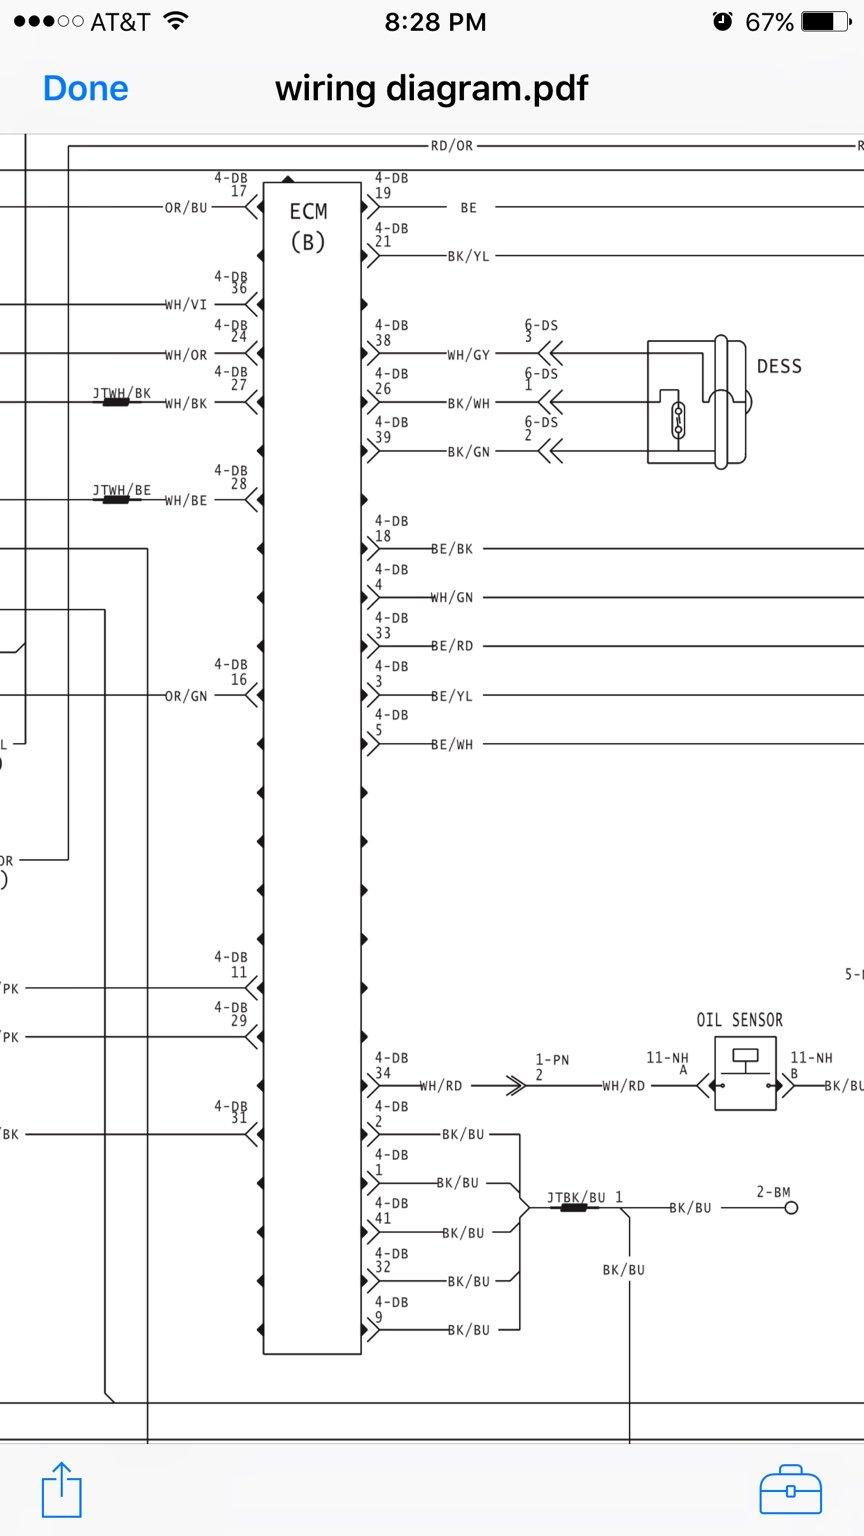 [DIAGRAM_5NL]  SV_3354] 98 Mxz Wiring Diagram Download Diagram | 1998 Ski Doo Wiring Diagram |  | Elia Xero Alypt Trua Sand Awni Eopsy Peted Oidei Vira Mohammedshrine Librar  Wiring 101